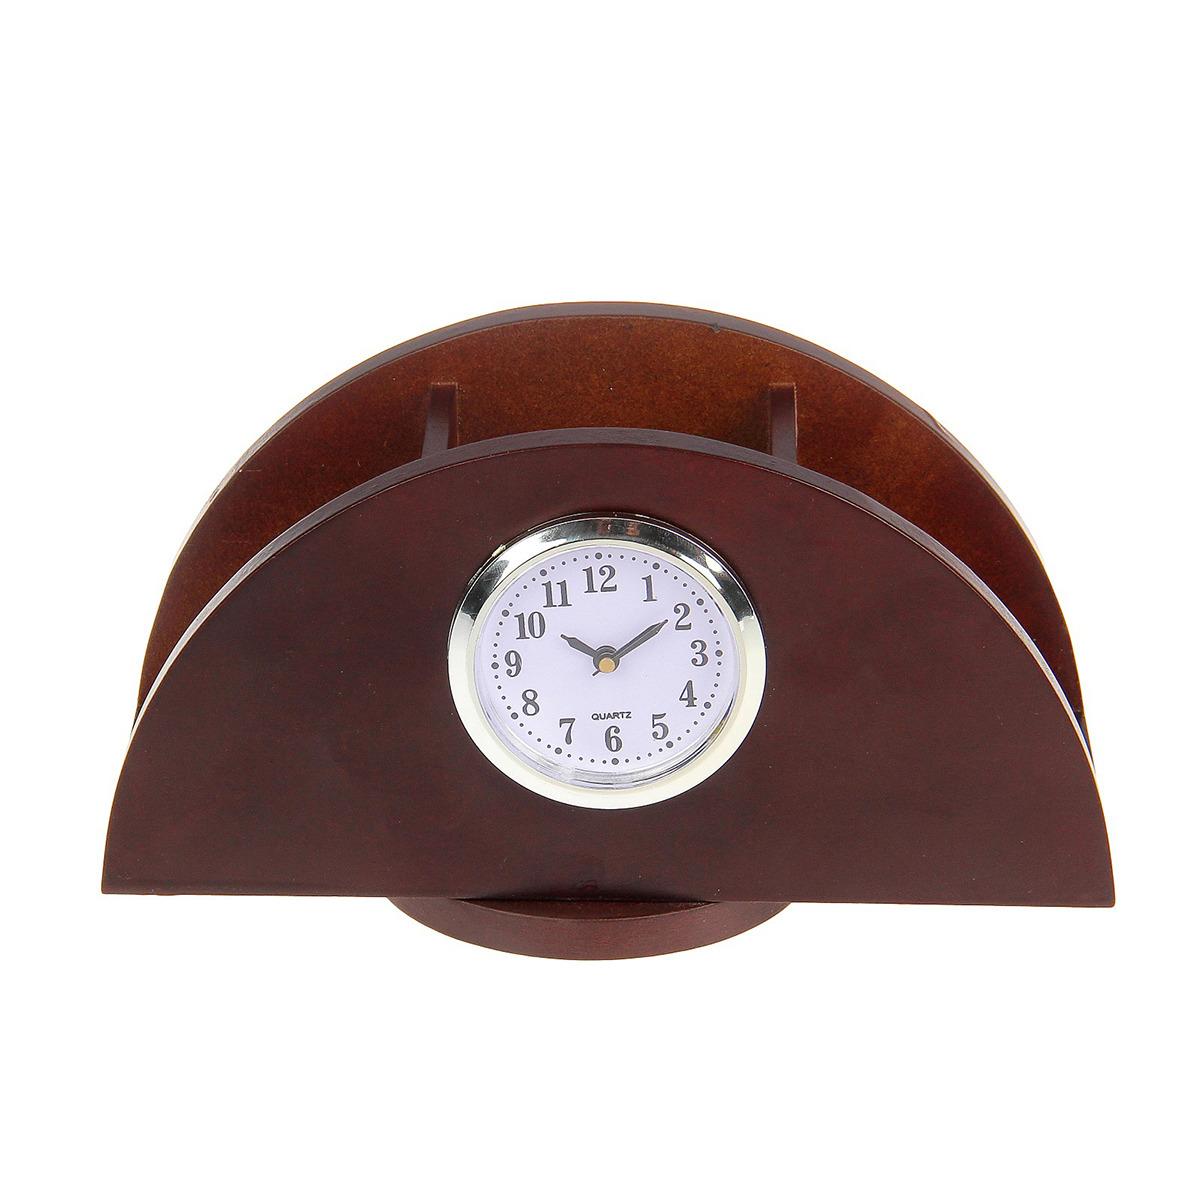 Канцелярский набор 2 в 1, 872874, коричневый, 19,5 х 11 см